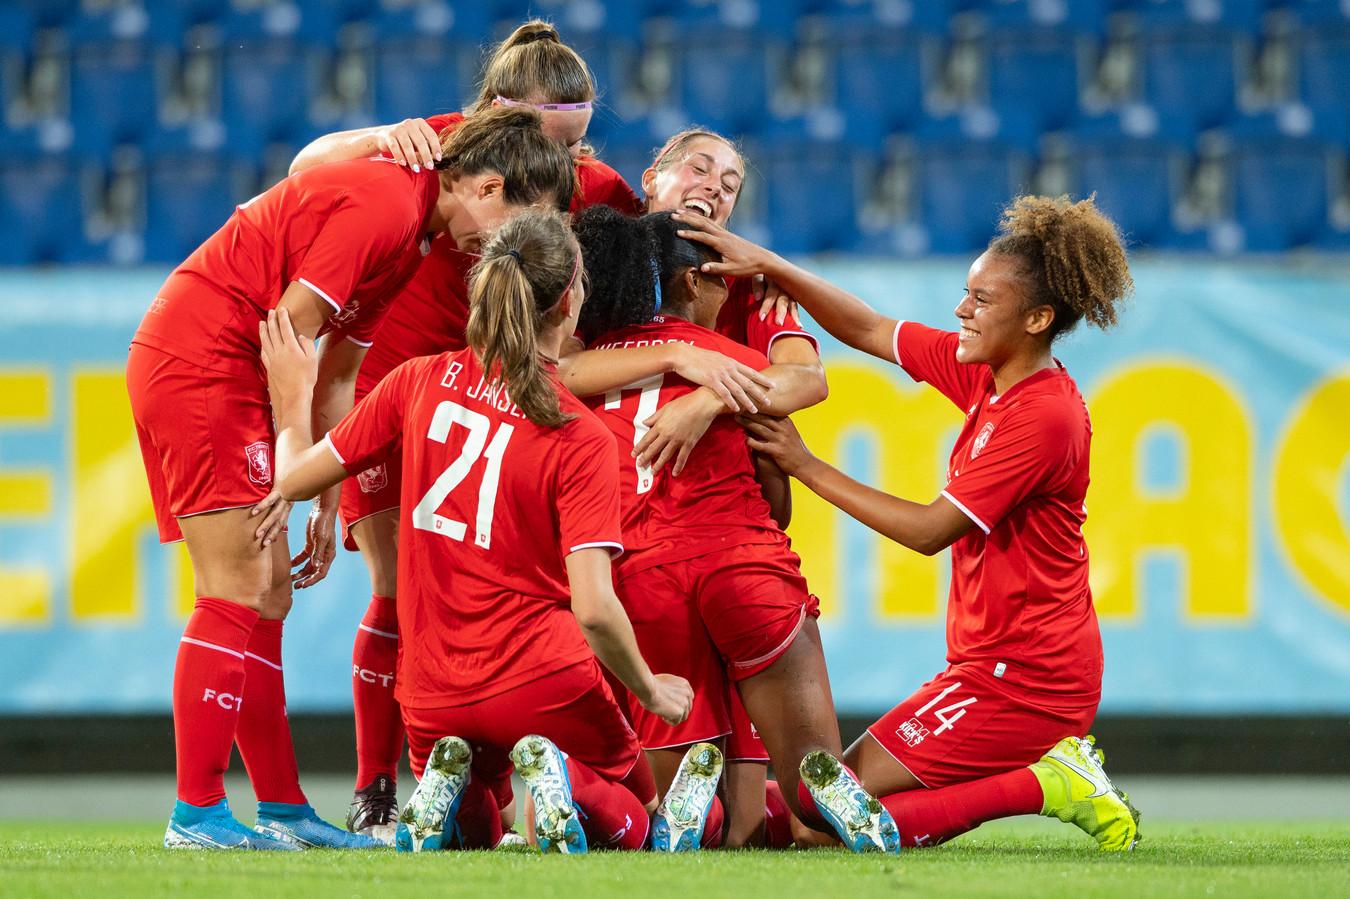 Ashleigh Weerden van FC Twente maakt 0-2.